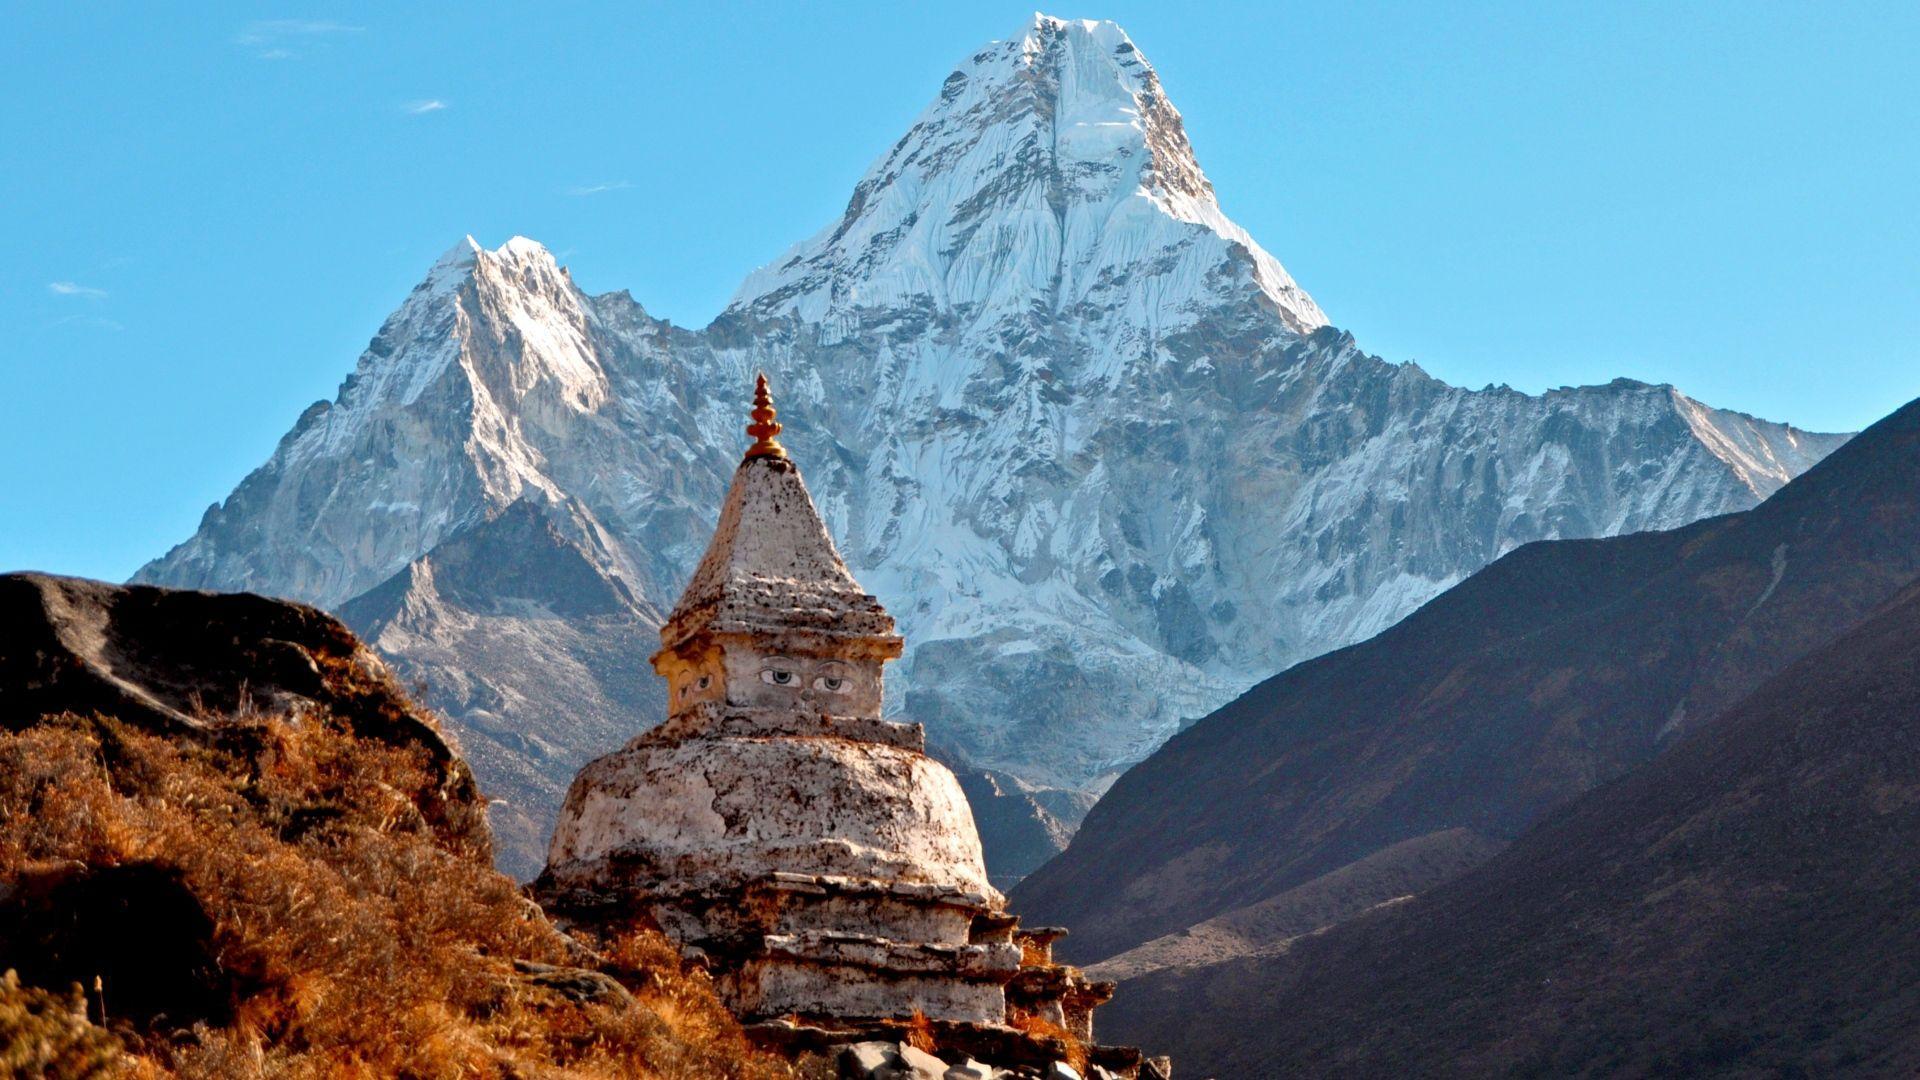 big mountain Himalayas Wallpapers 4K